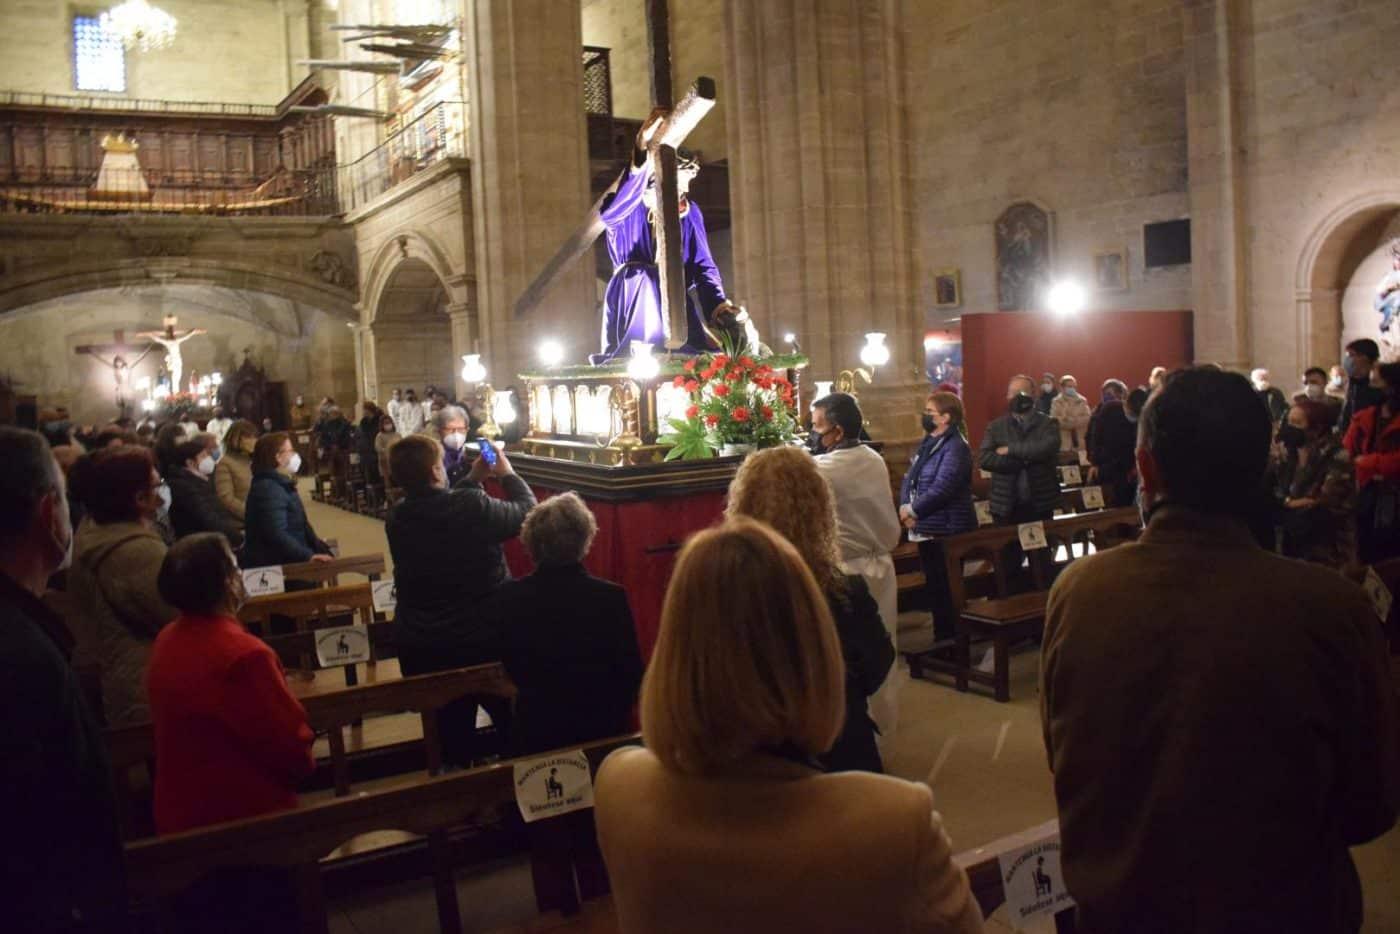 FOTOS: Continúan en Haro los actos de la Semana Santa 2